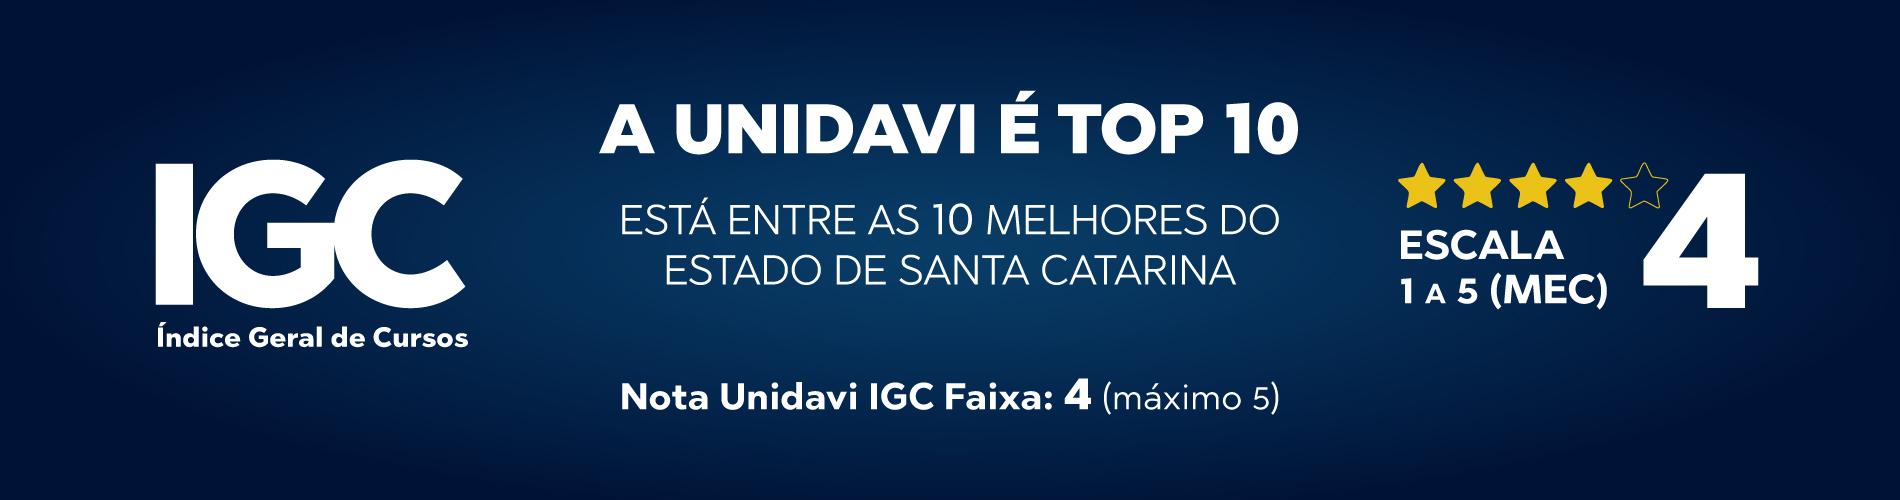 A Unidavi Está Entre as 10 Melhores do Estado de Santa Catarina